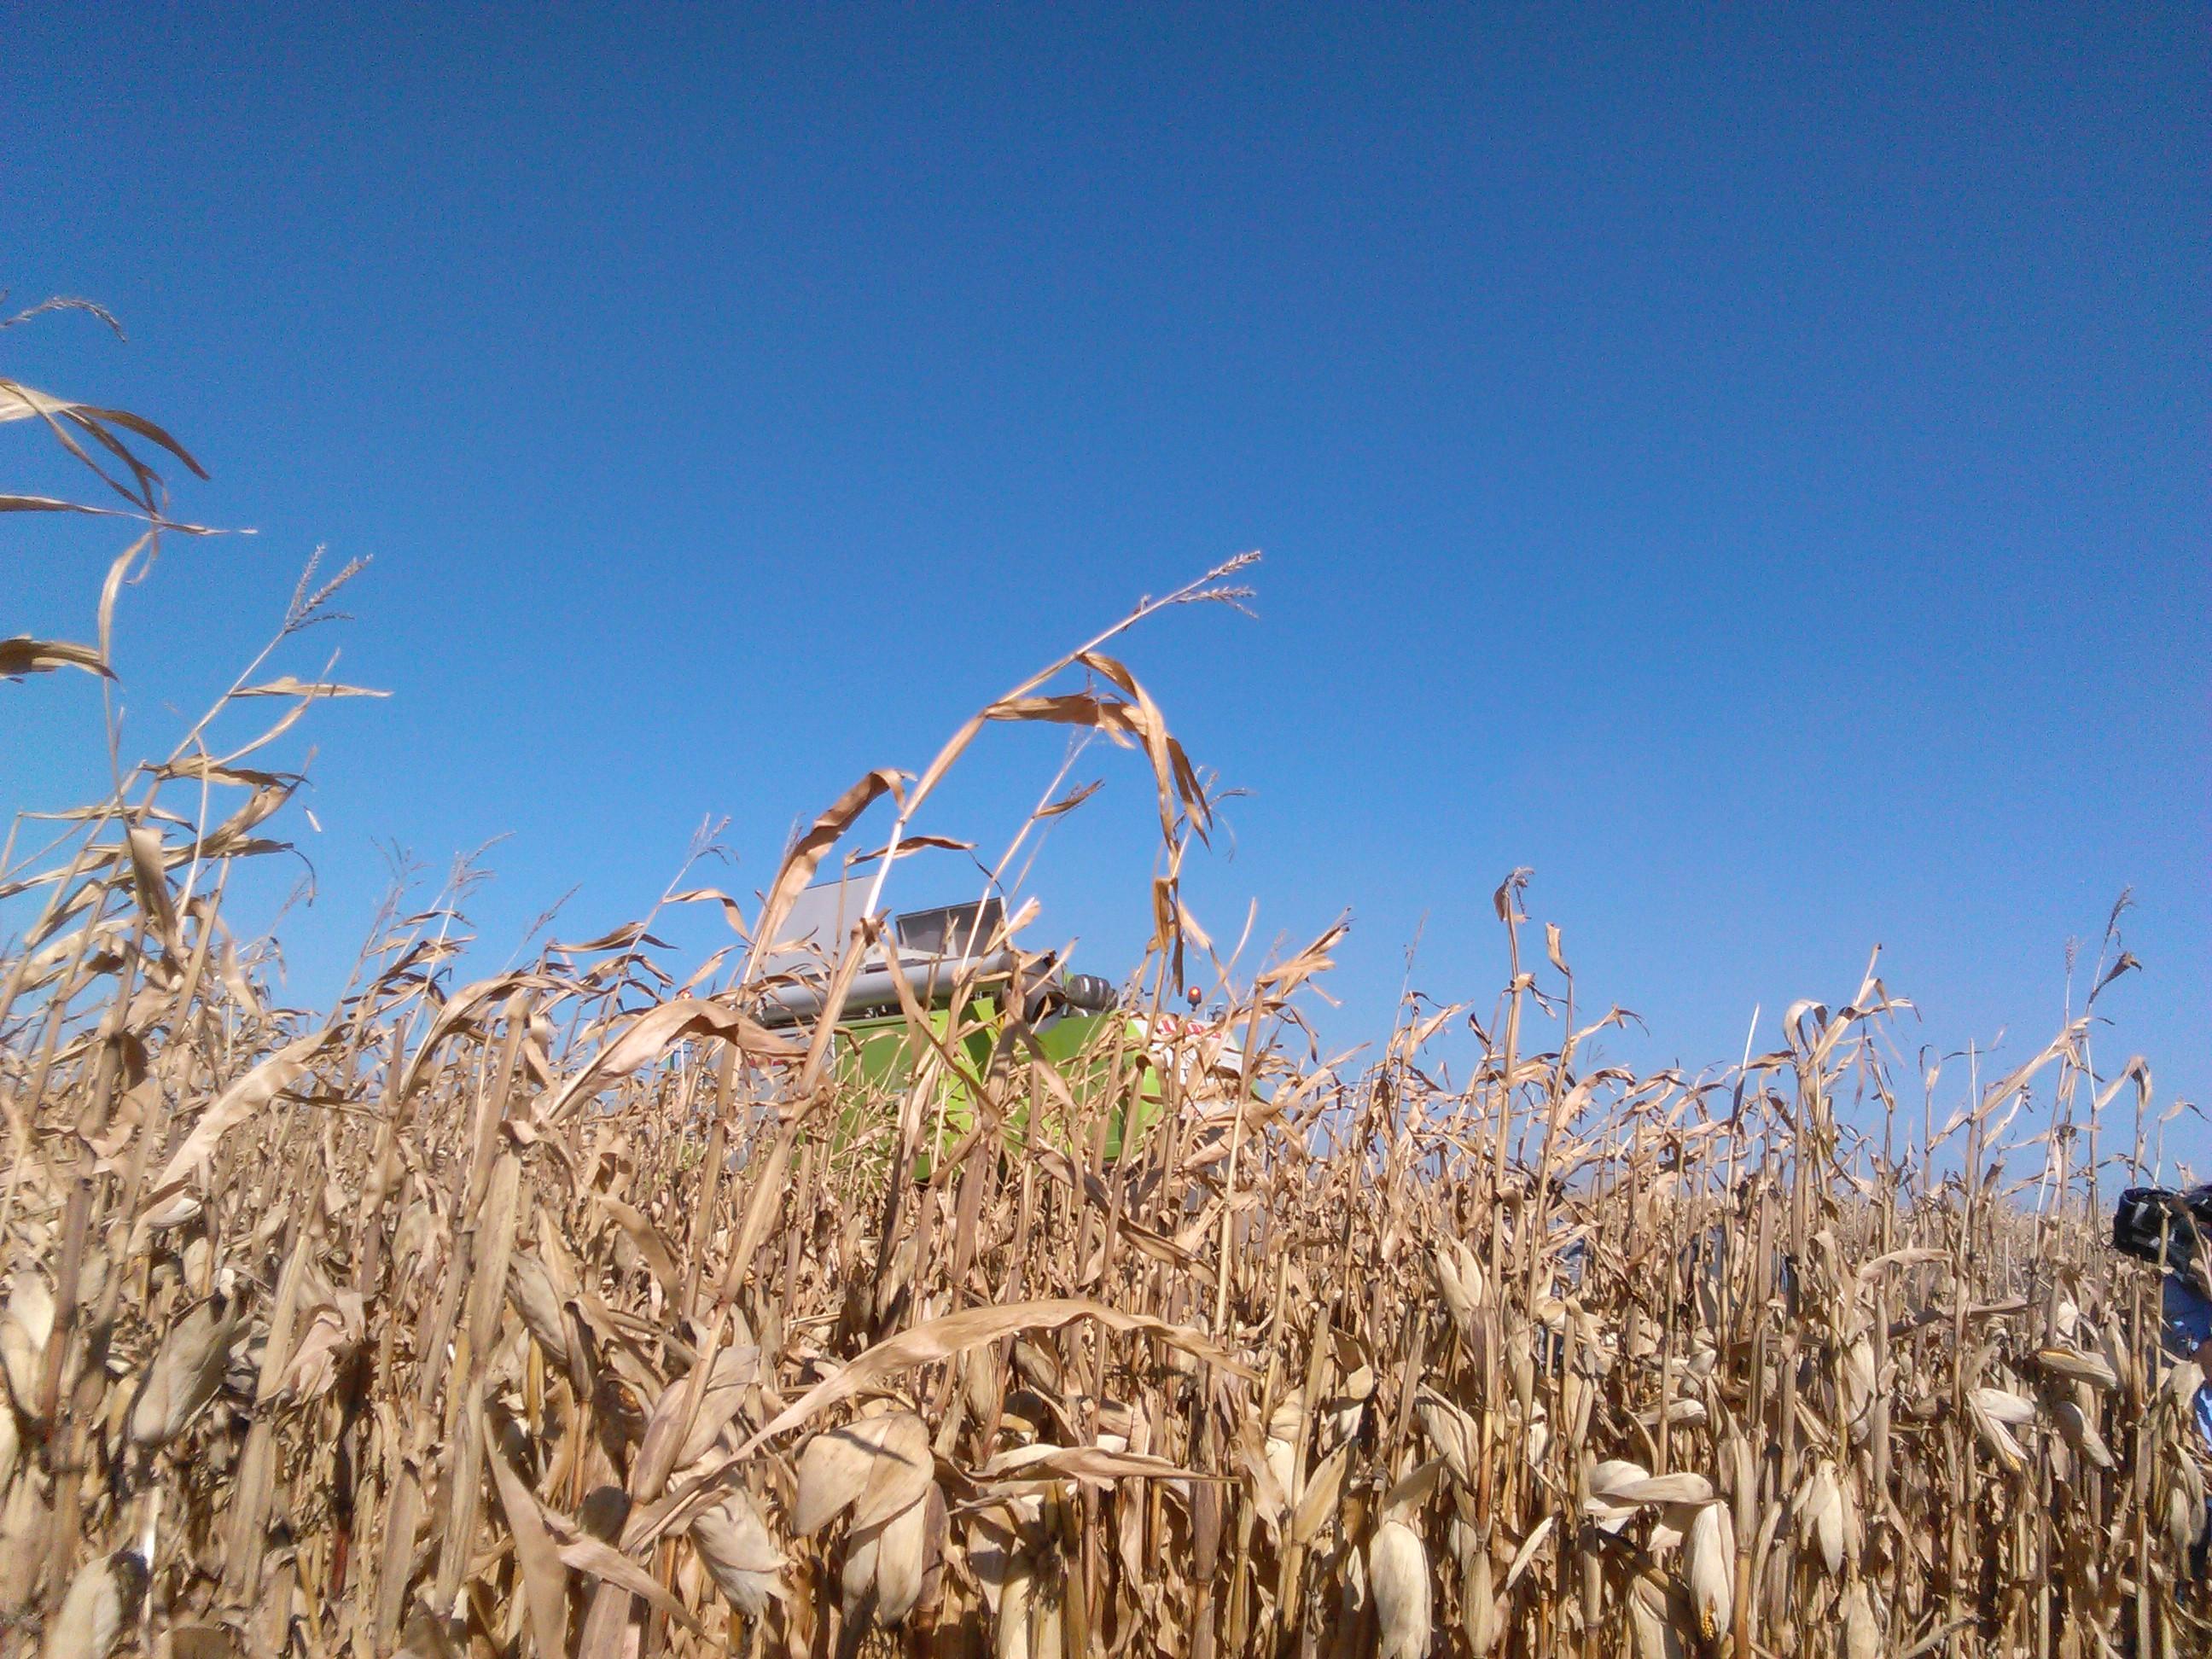 Productia buna din Romania ridica randamentele la porumb si floarea soarelui in UE